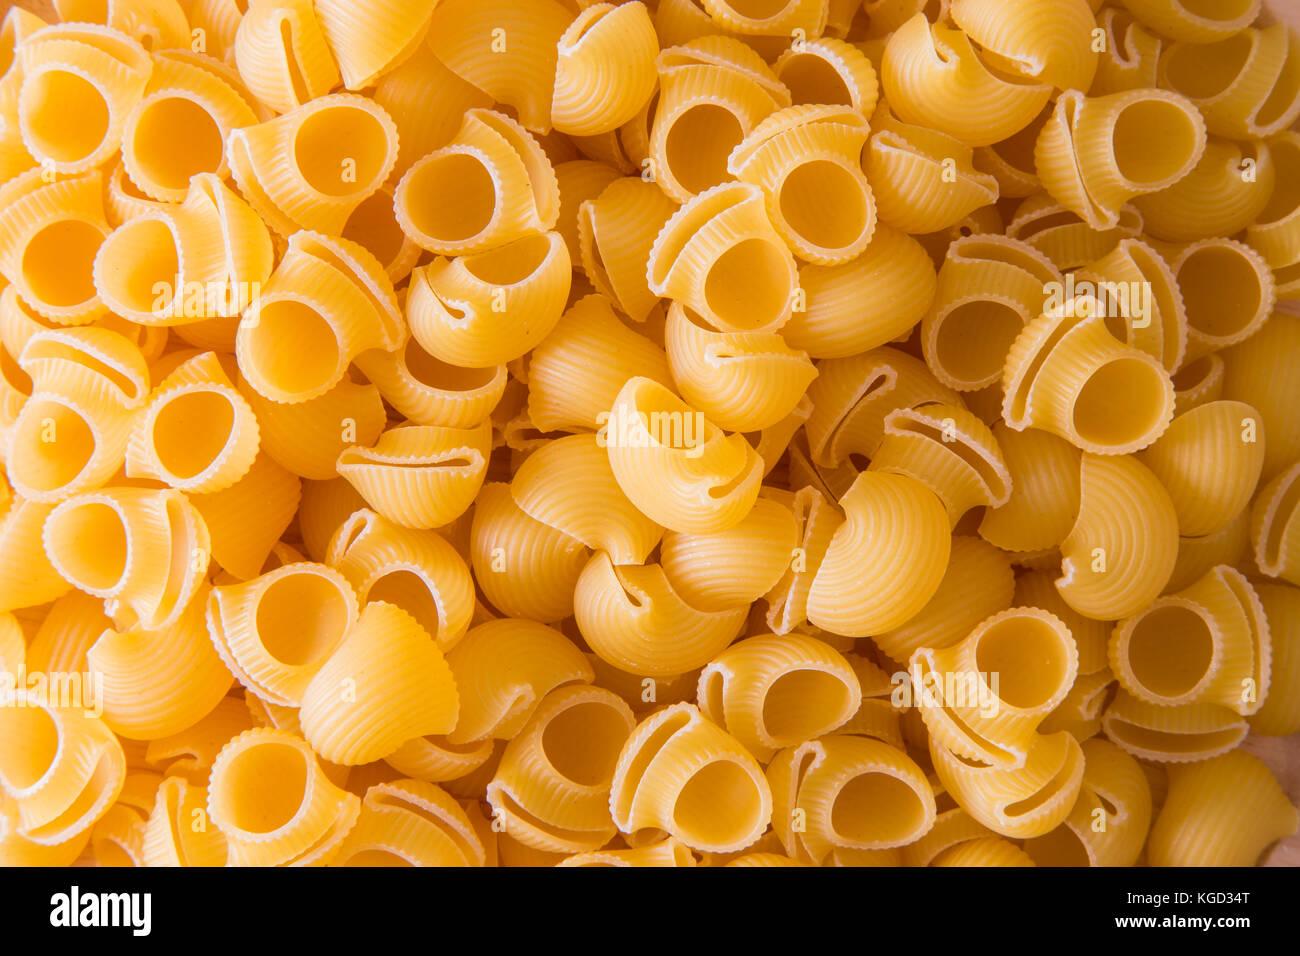 Massas curtas, obtido através da transformação de sêmola de trigo duro. Imagens de Stock